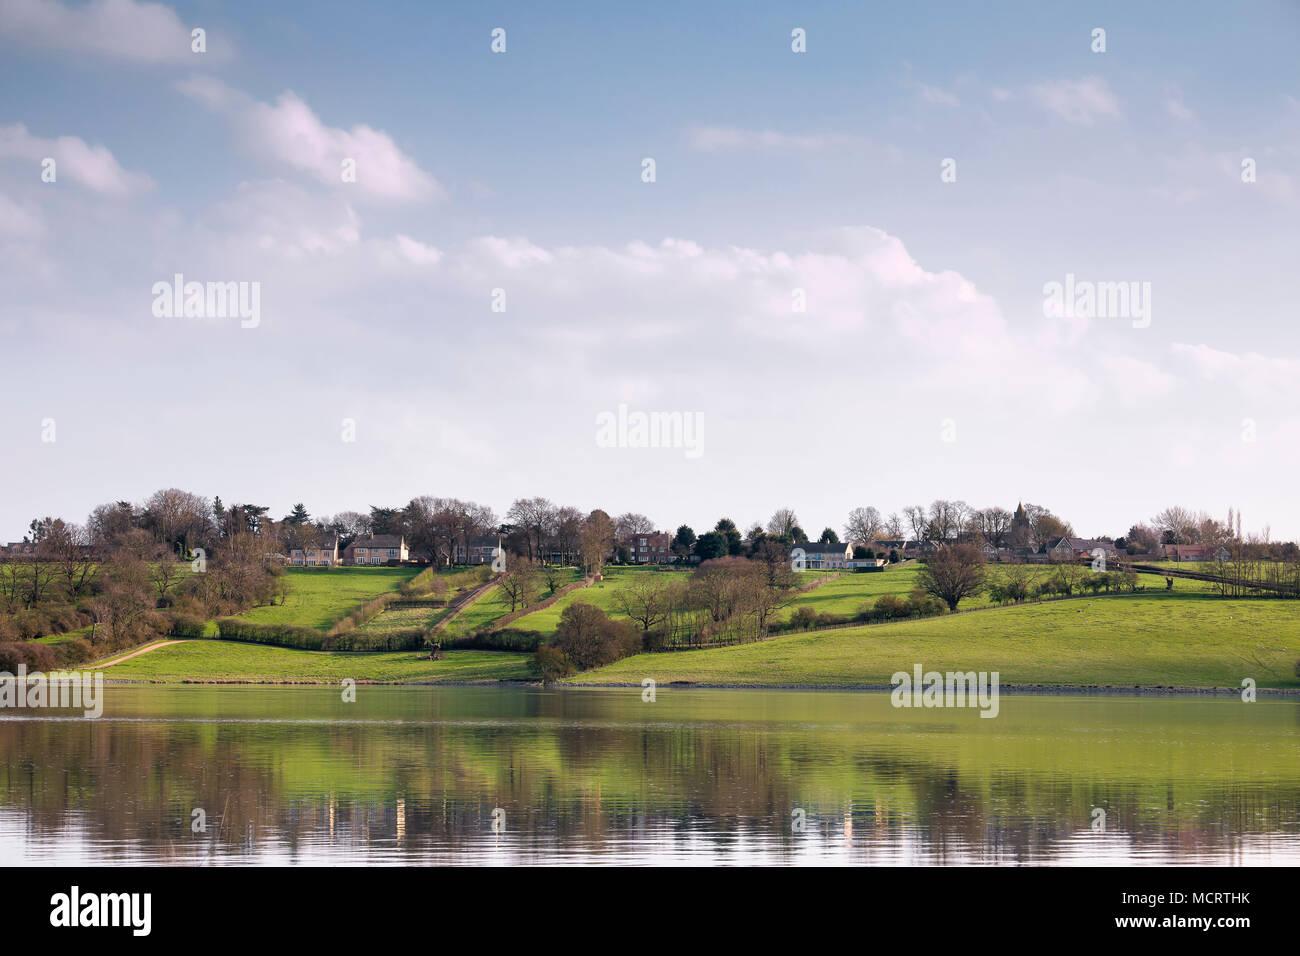 Ein Bild, das zeigt, das Dorf von Upper Hambleton Schuß über Rutland Water, Rutland, England, Großbritannien Stockbild